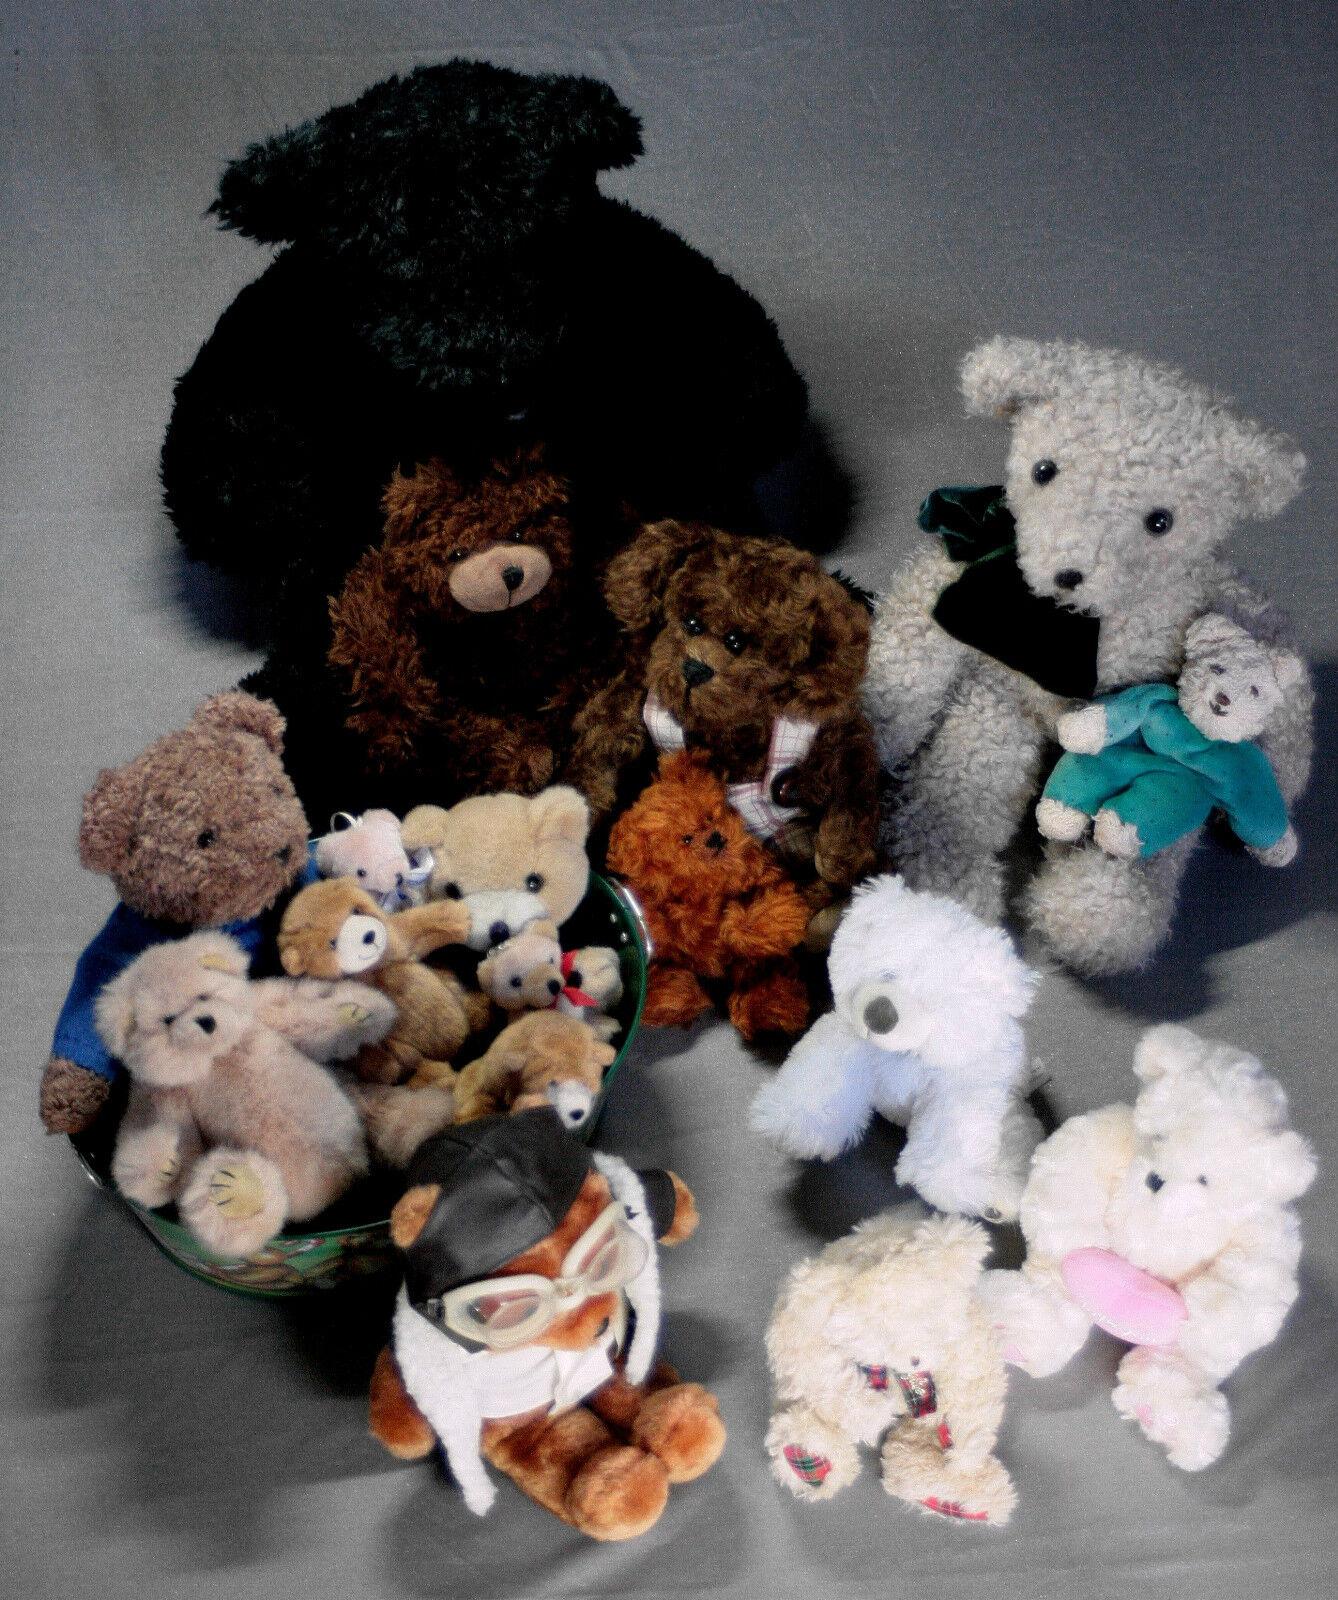 COLLEZIONE ORSI  teddys  17 PEZZI MATTONCINI incl. orsi vasca ovale lunghezza 33cm